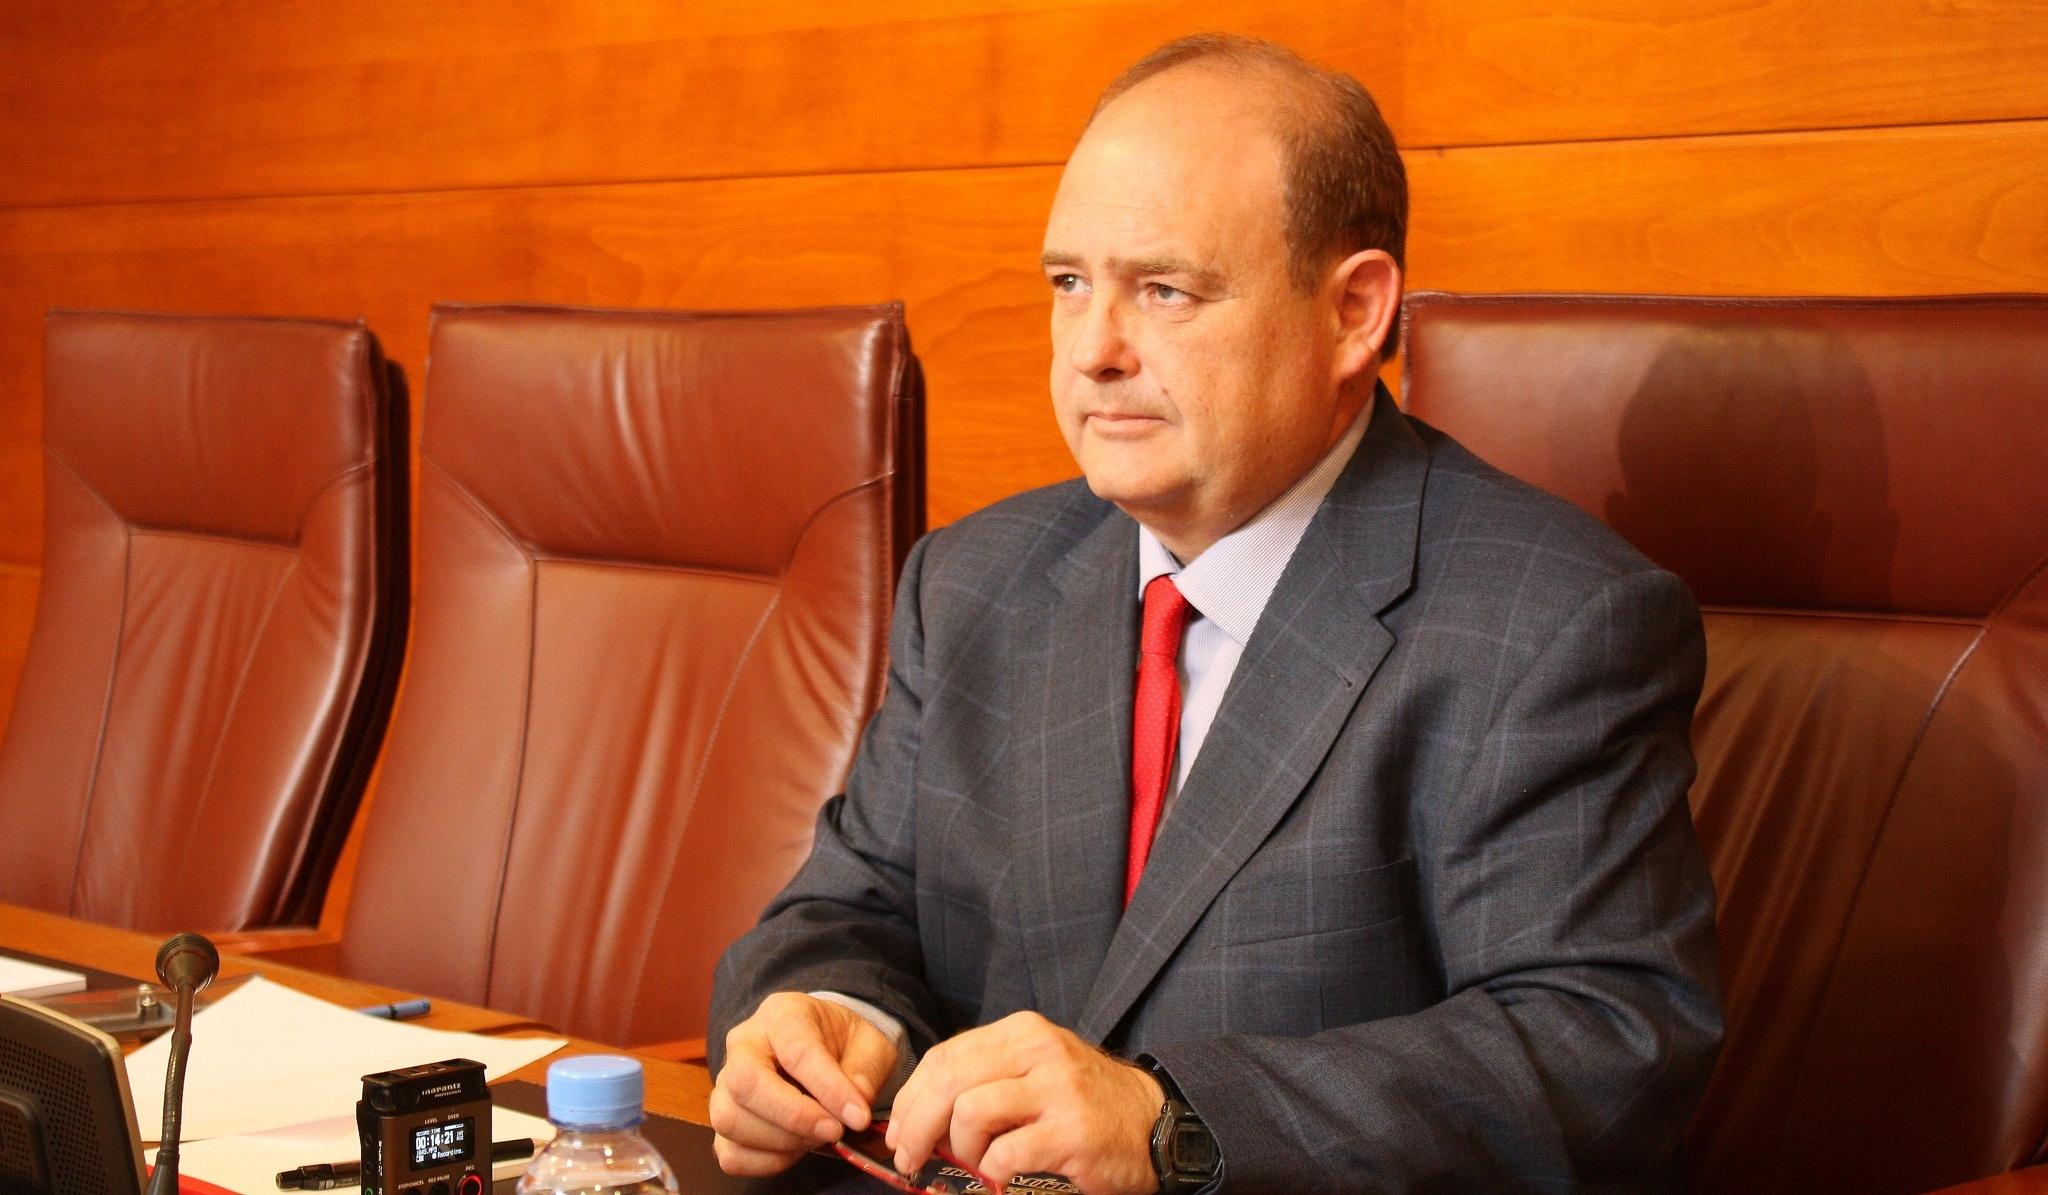 El PP asegura que la reforma de la PAC incluye varias reivindicaciones del Gobierno de Diego